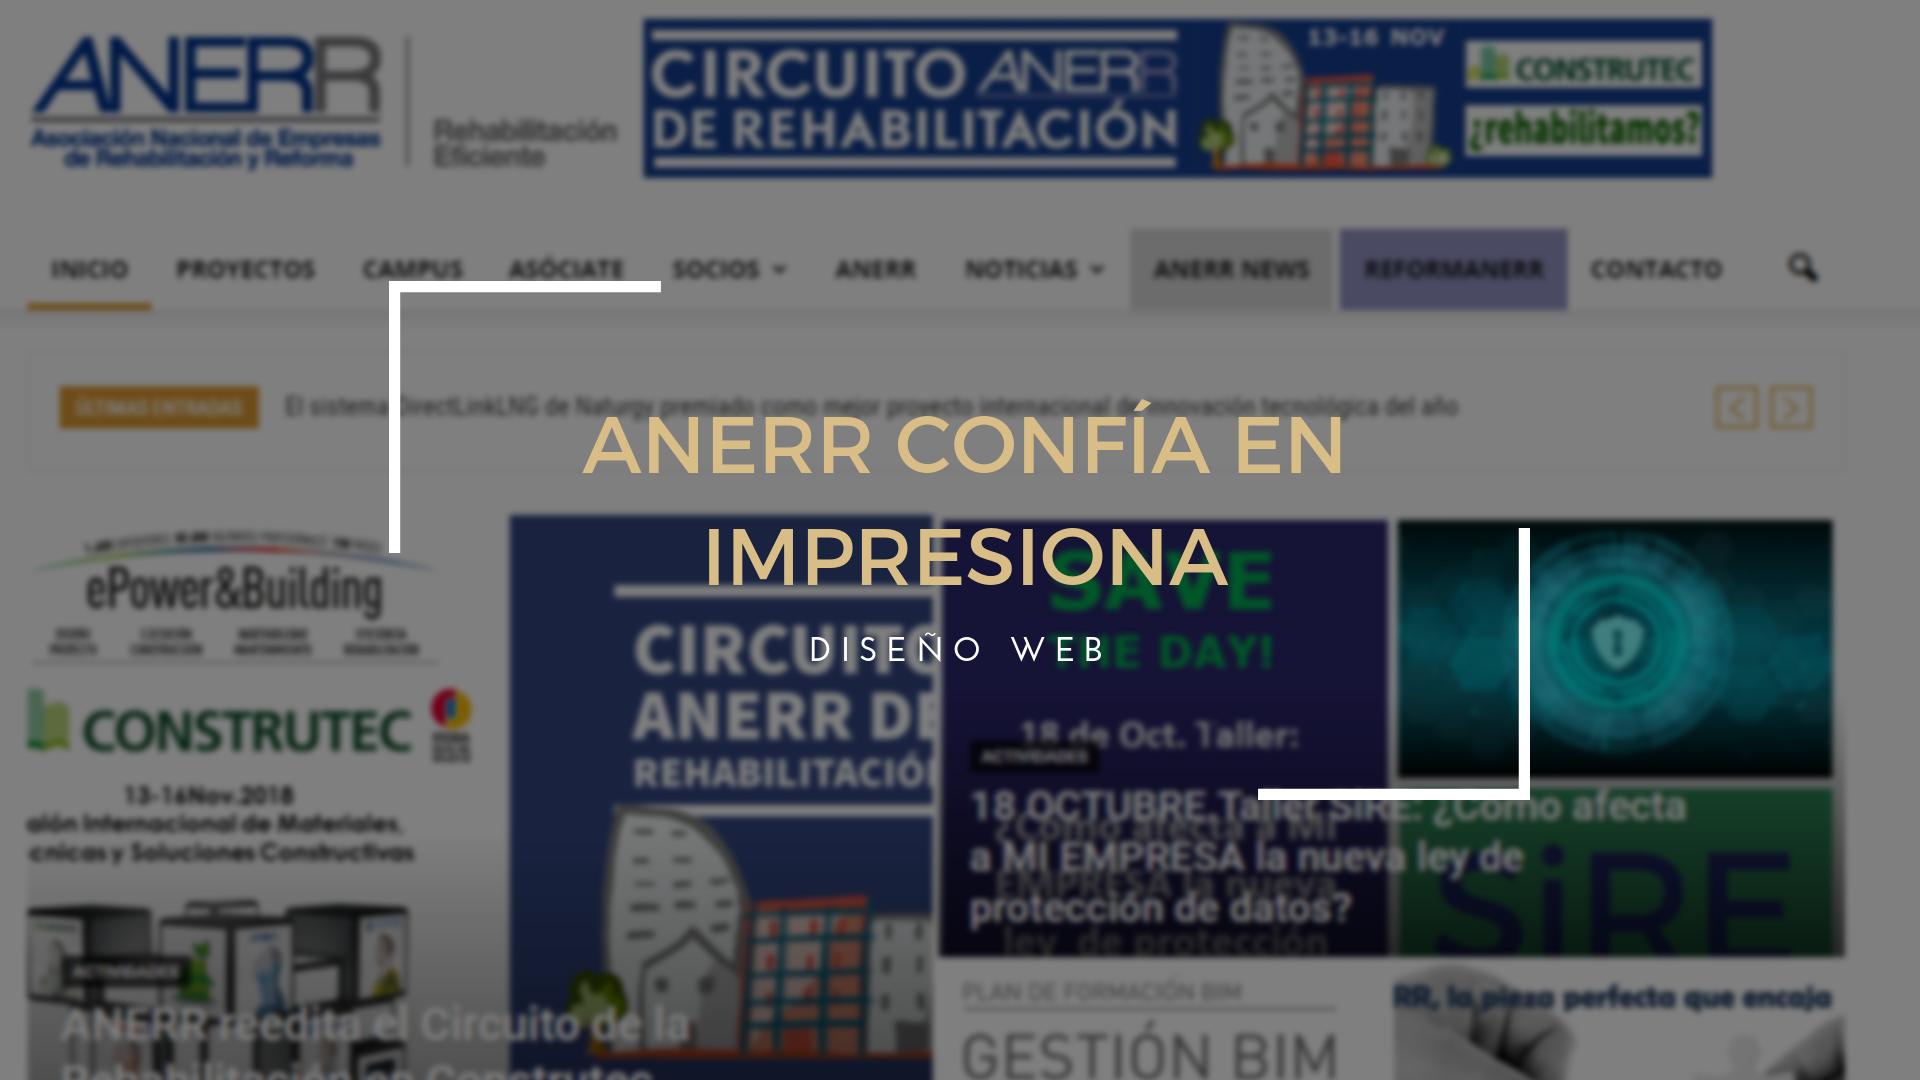 La Asociación Nacional de Empresas de Reformas y Rehabilitación confía en Impresiona.net para su Web